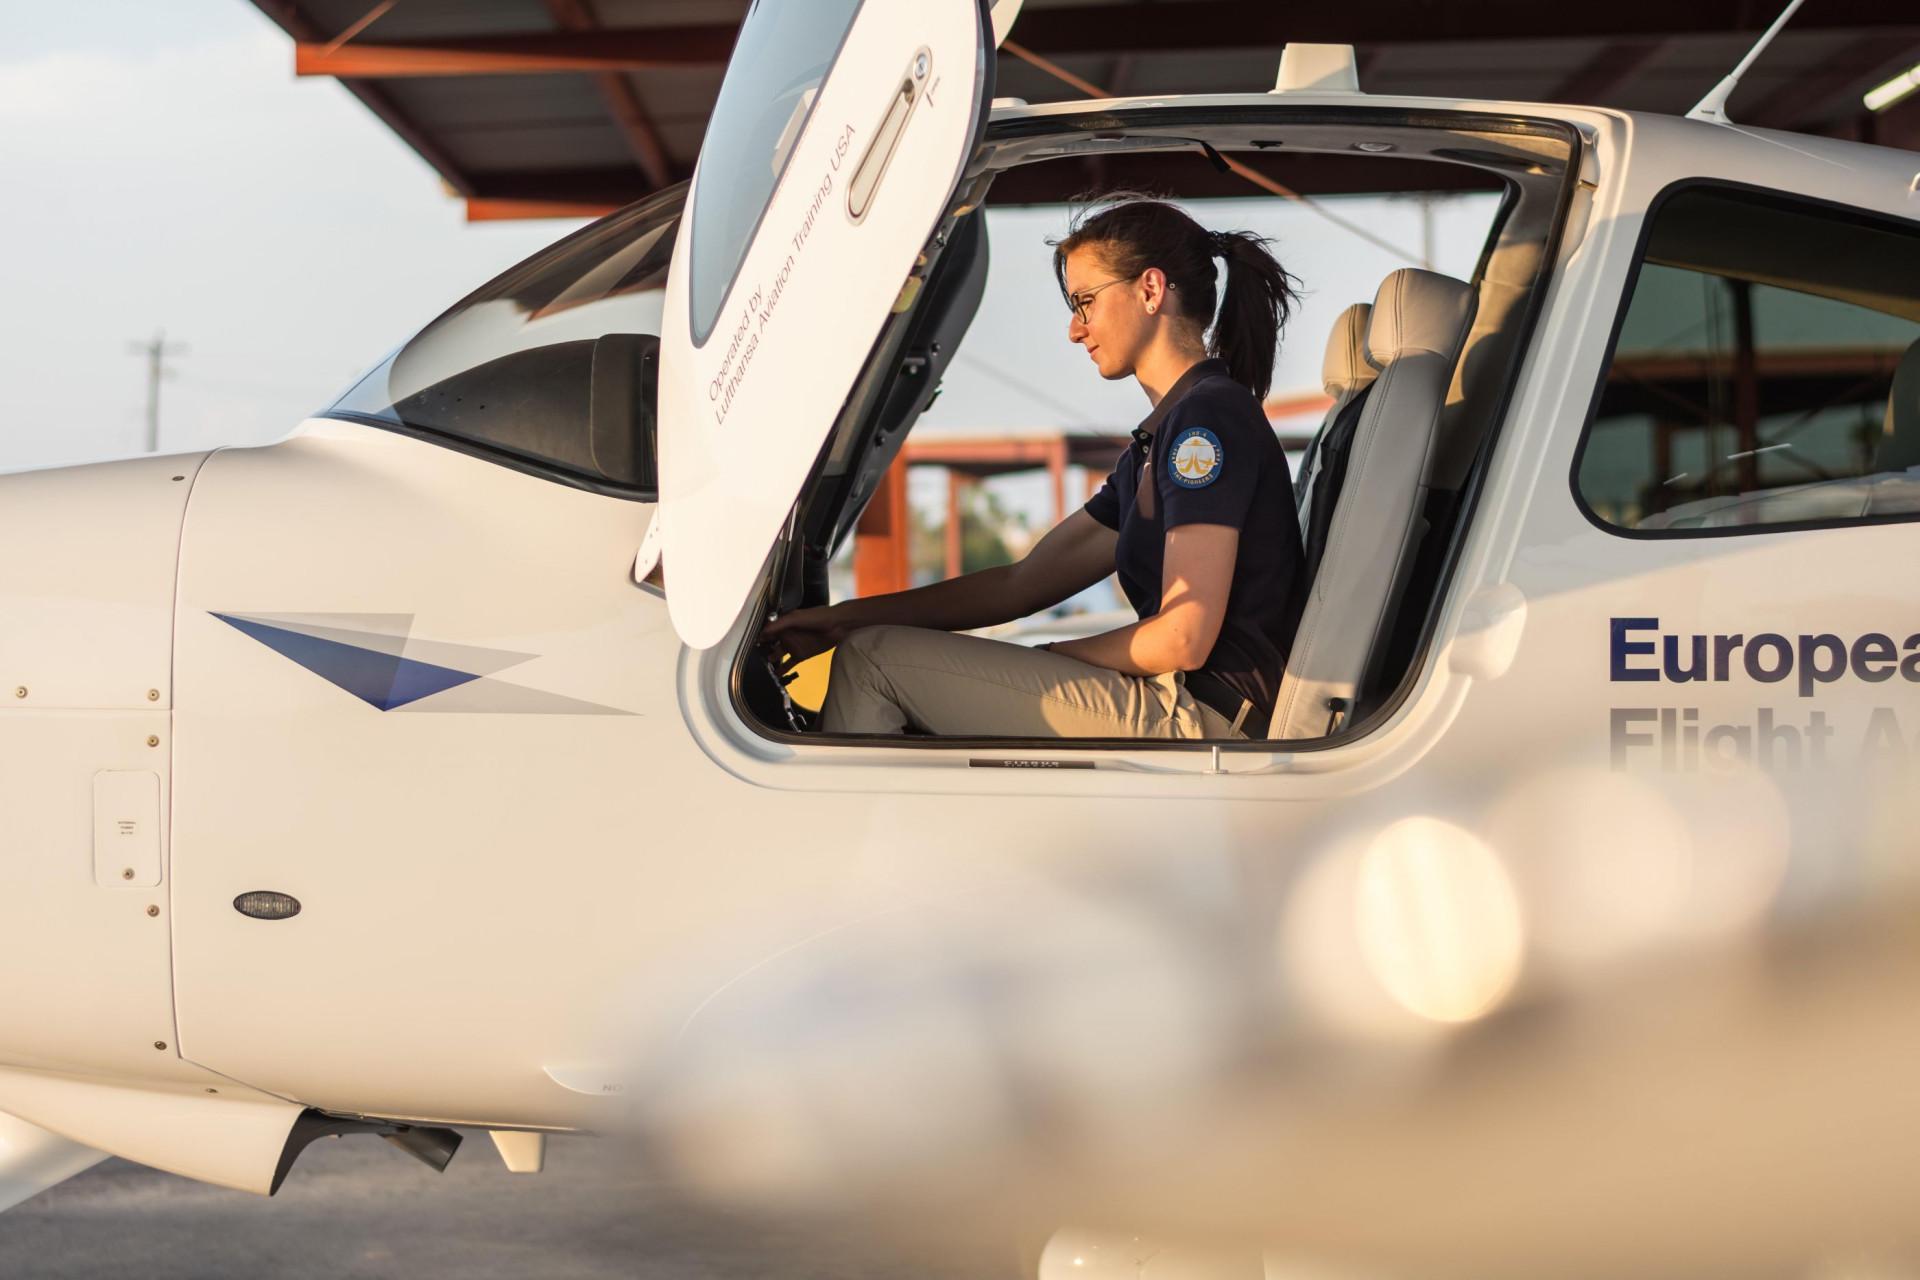 Faz 30 anos que a Lufthansa integrou as suas primeiras mulheres piloto